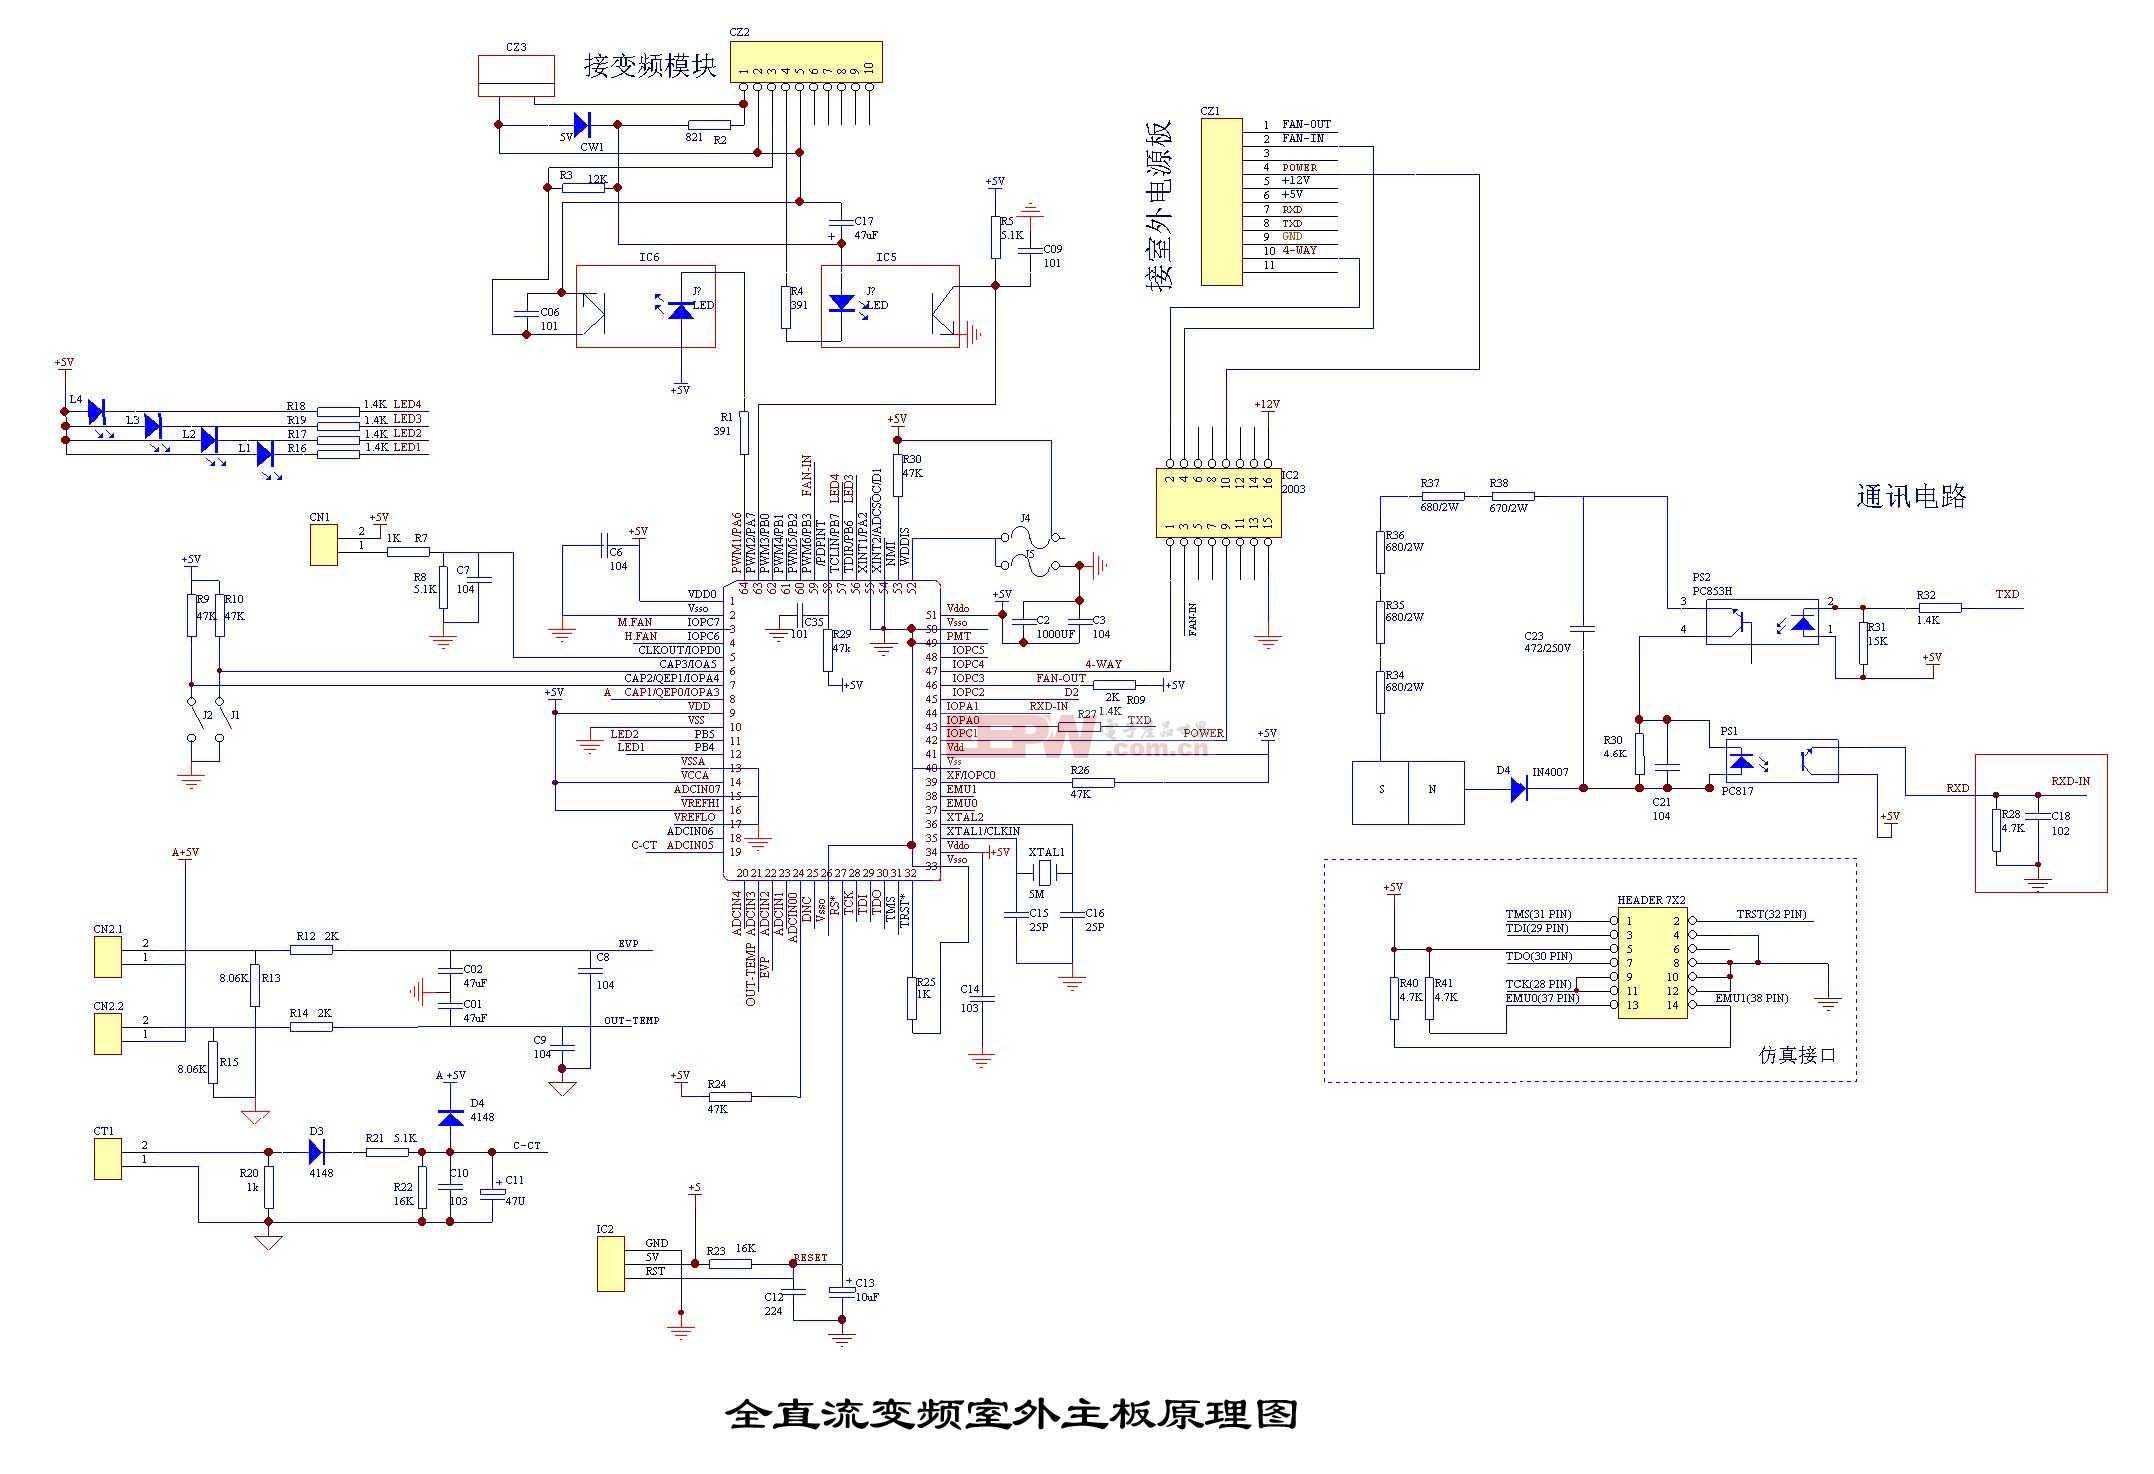 家用电器电路图 其他电路图 ->空调原理图8